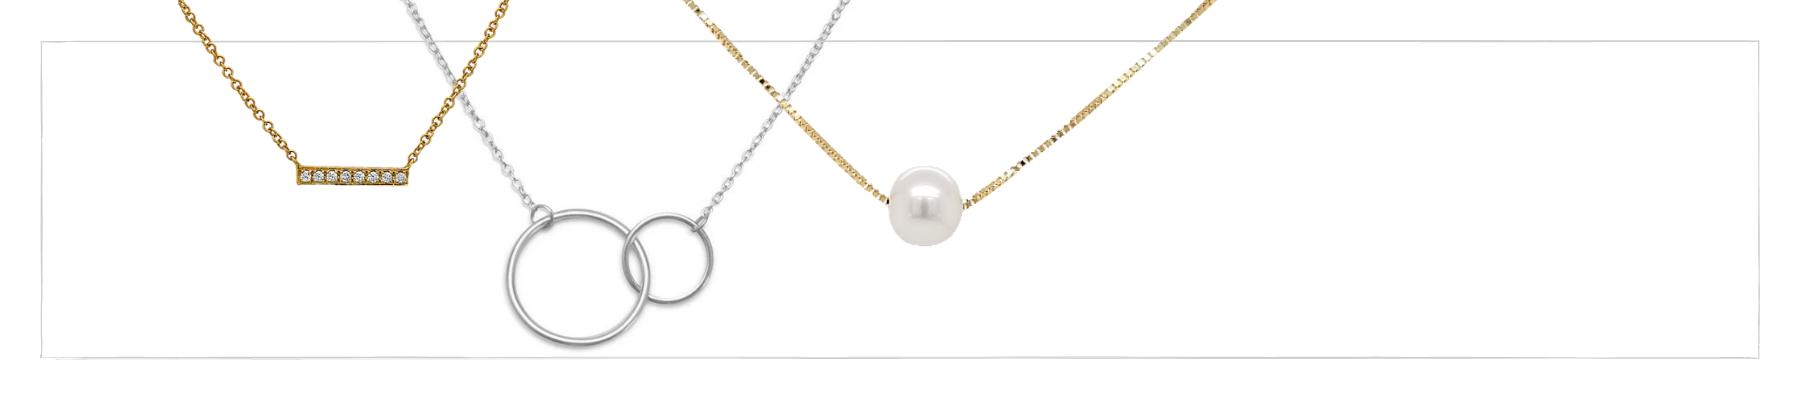 pendants necklaces